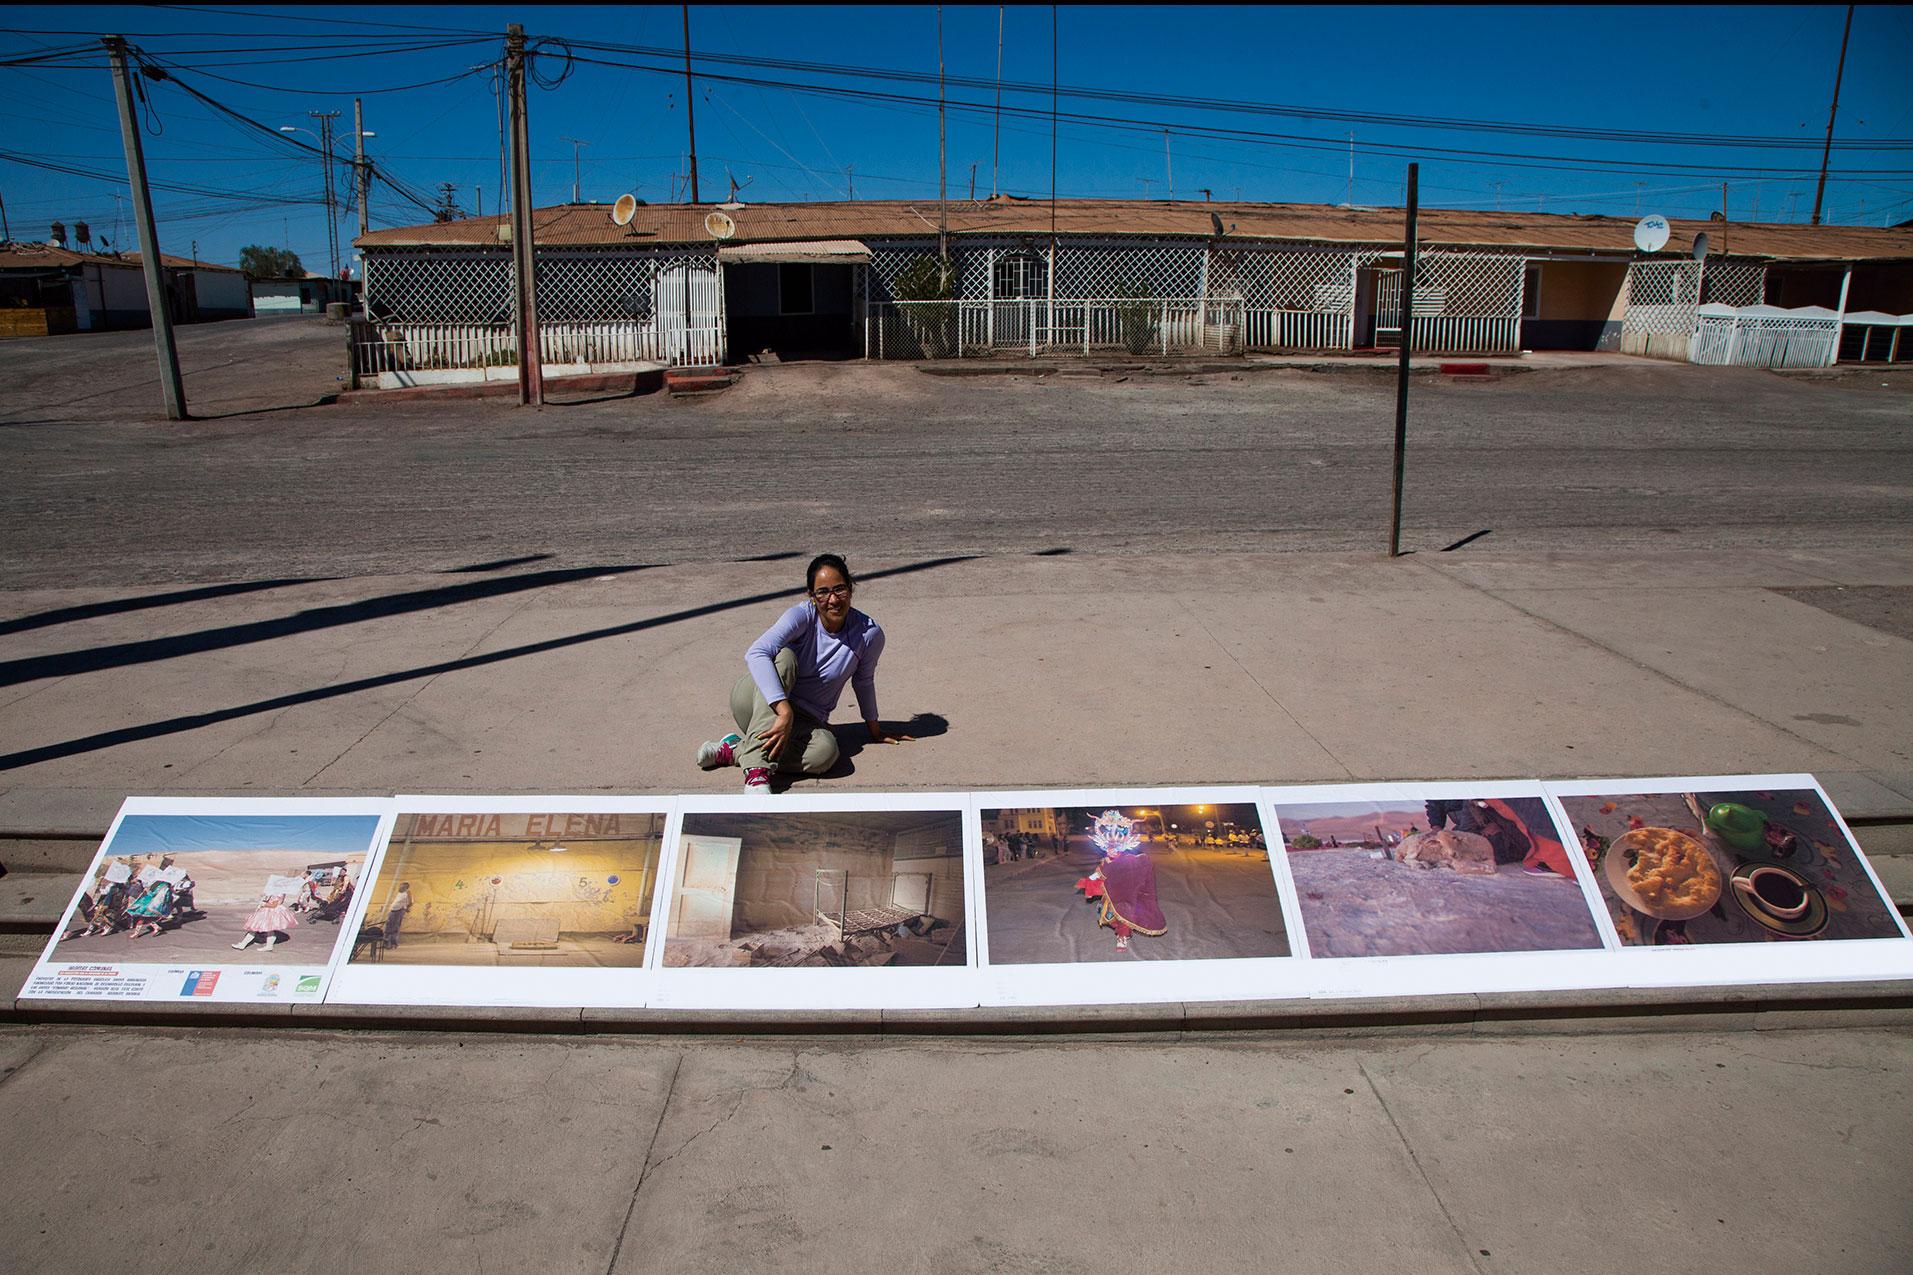 ANGÉLICA ARAYA ARRIAGADA: «Nací entre cámaras y rollos fotográficos»